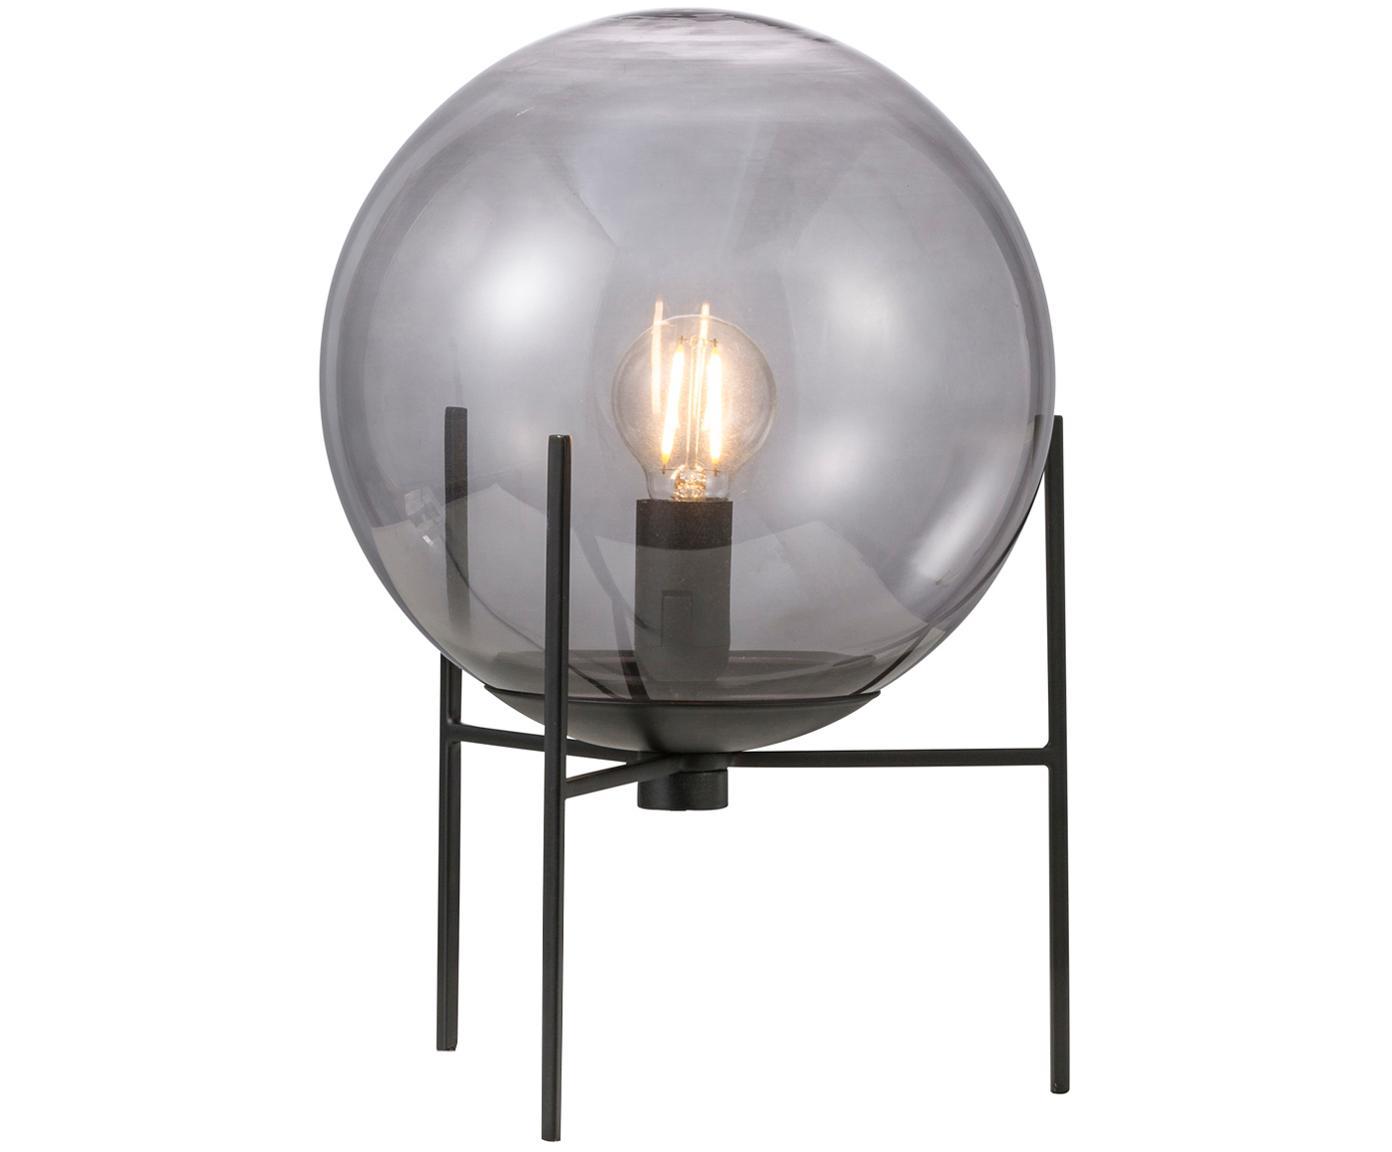 Lámpara de mesa Alton, Pantalla: vidrio, Estructura: metal recubierto, Cable: plástico, Negro, gris, transparente, Ø 20 x Al 29 cm